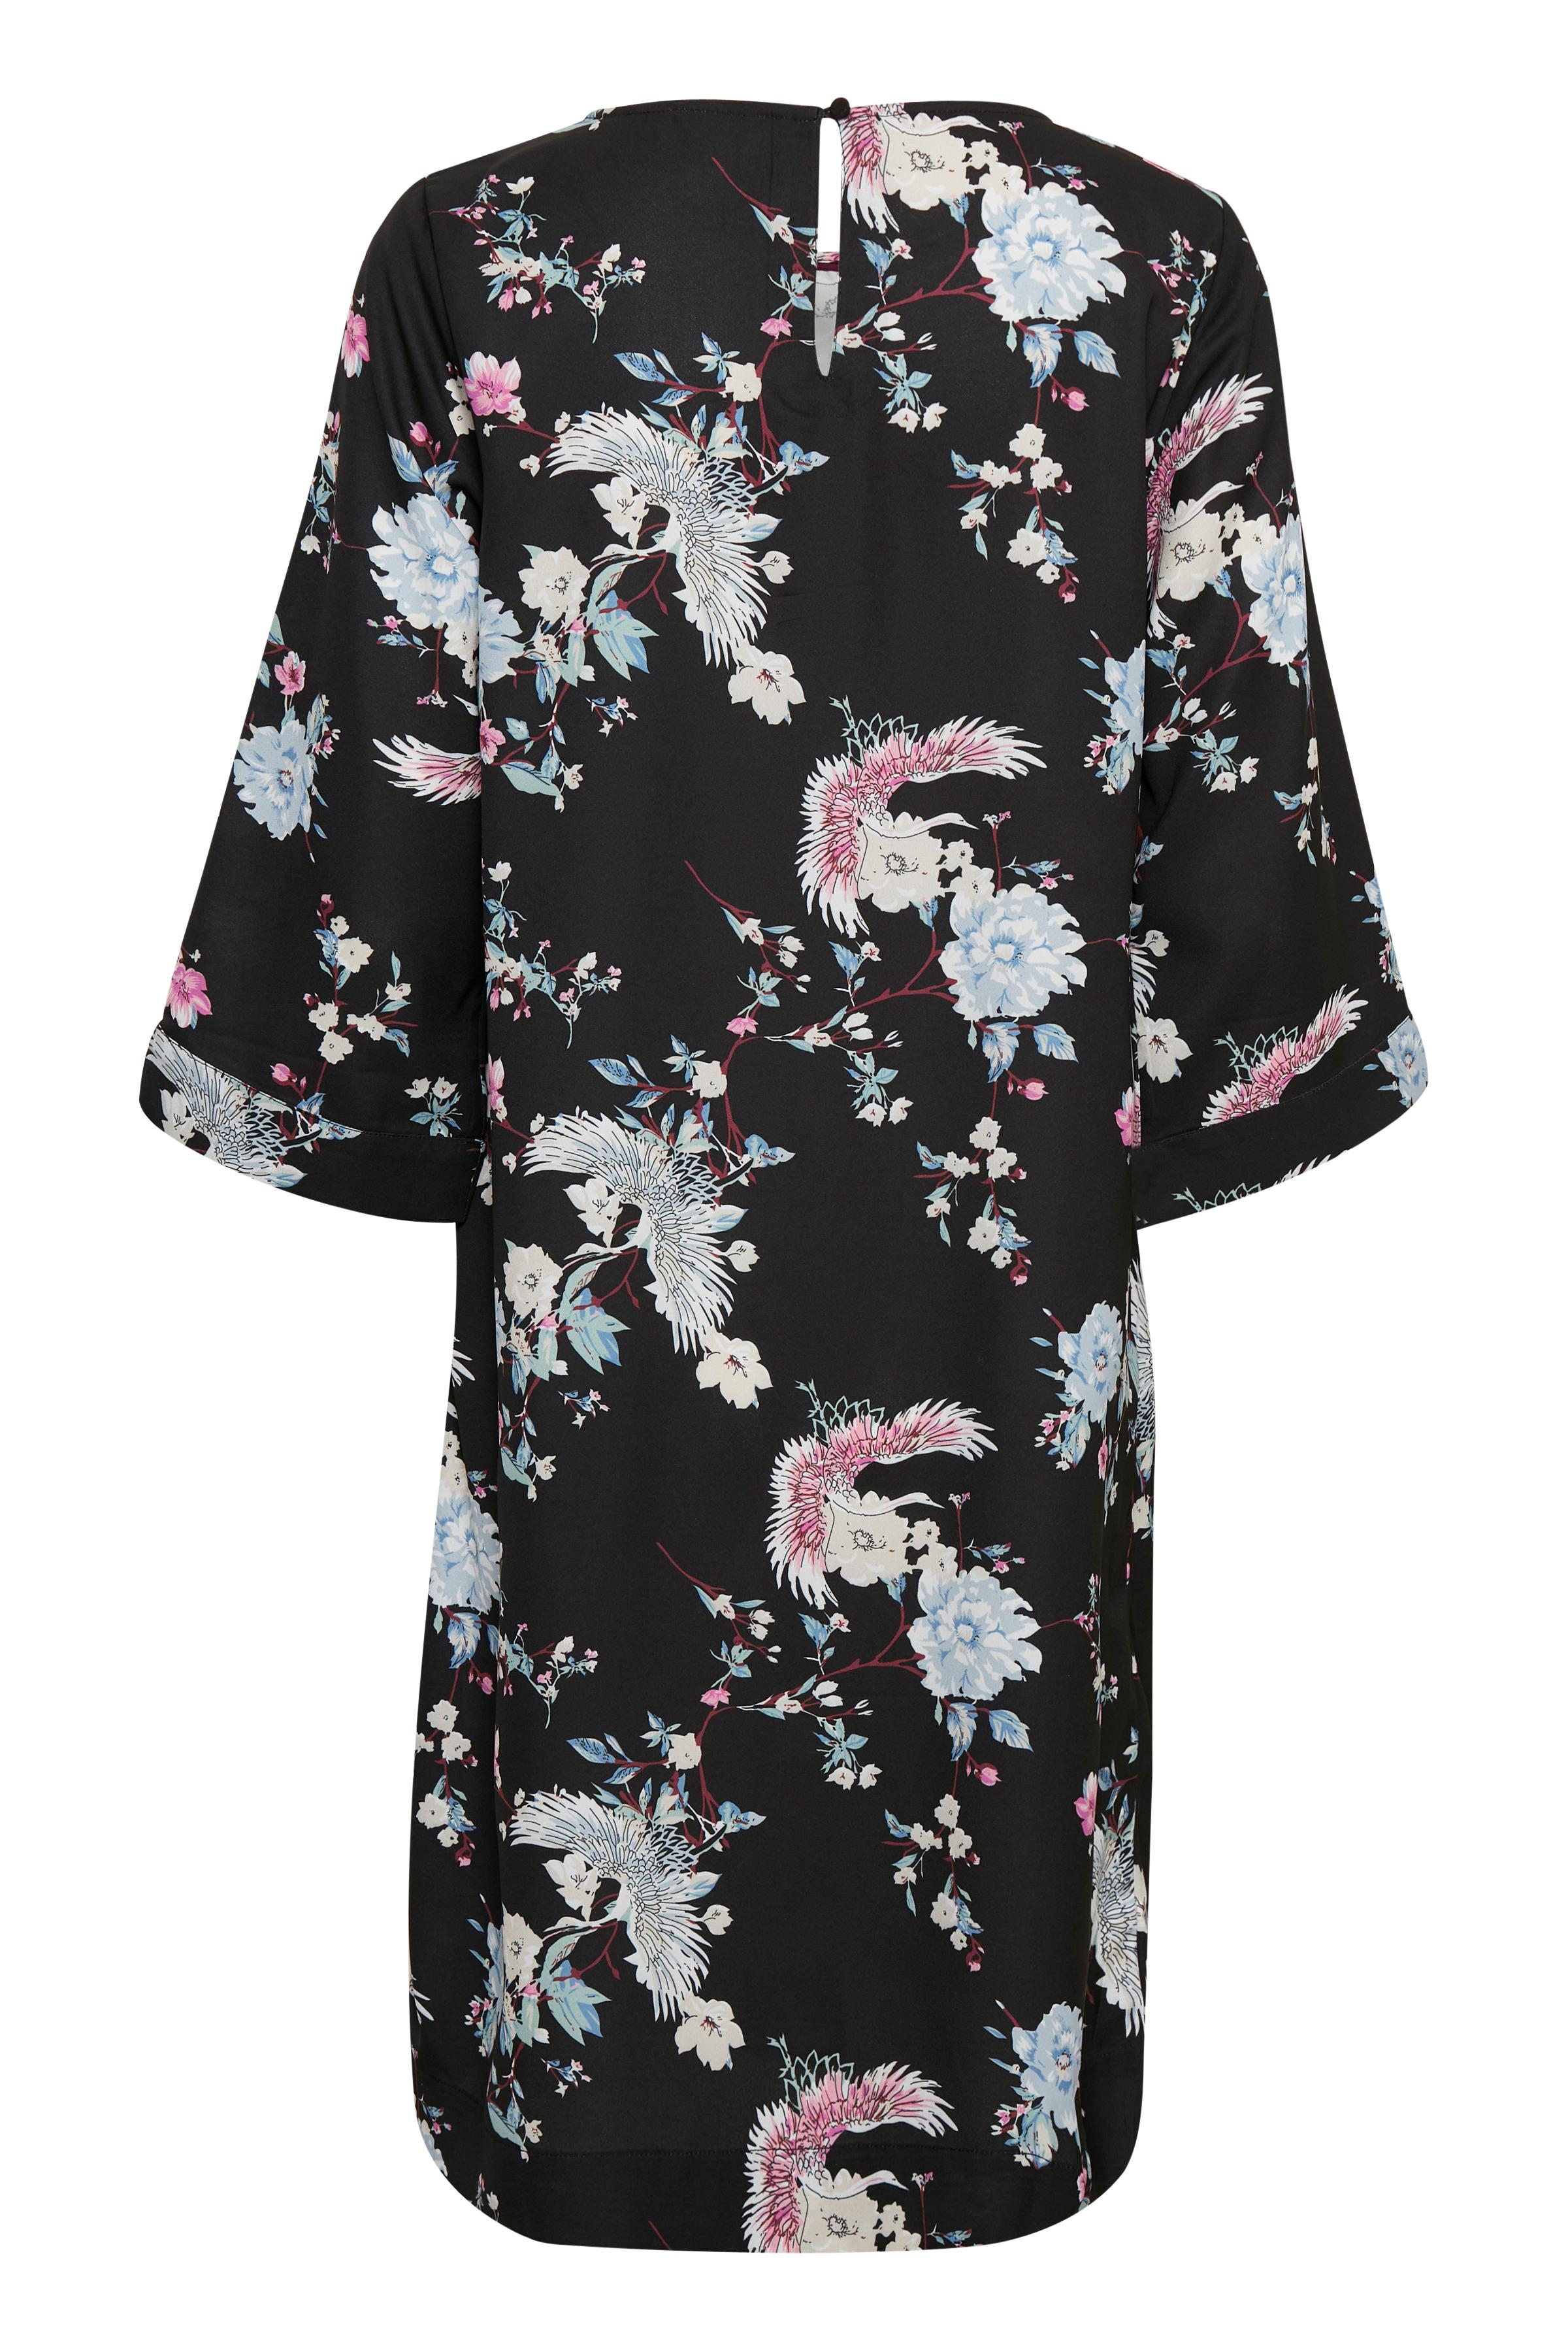 Schwarz/blau Kleid von Bon'A Parte – Shoppen Sie Schwarz/blau Kleid ab Gr. S-2XL hier